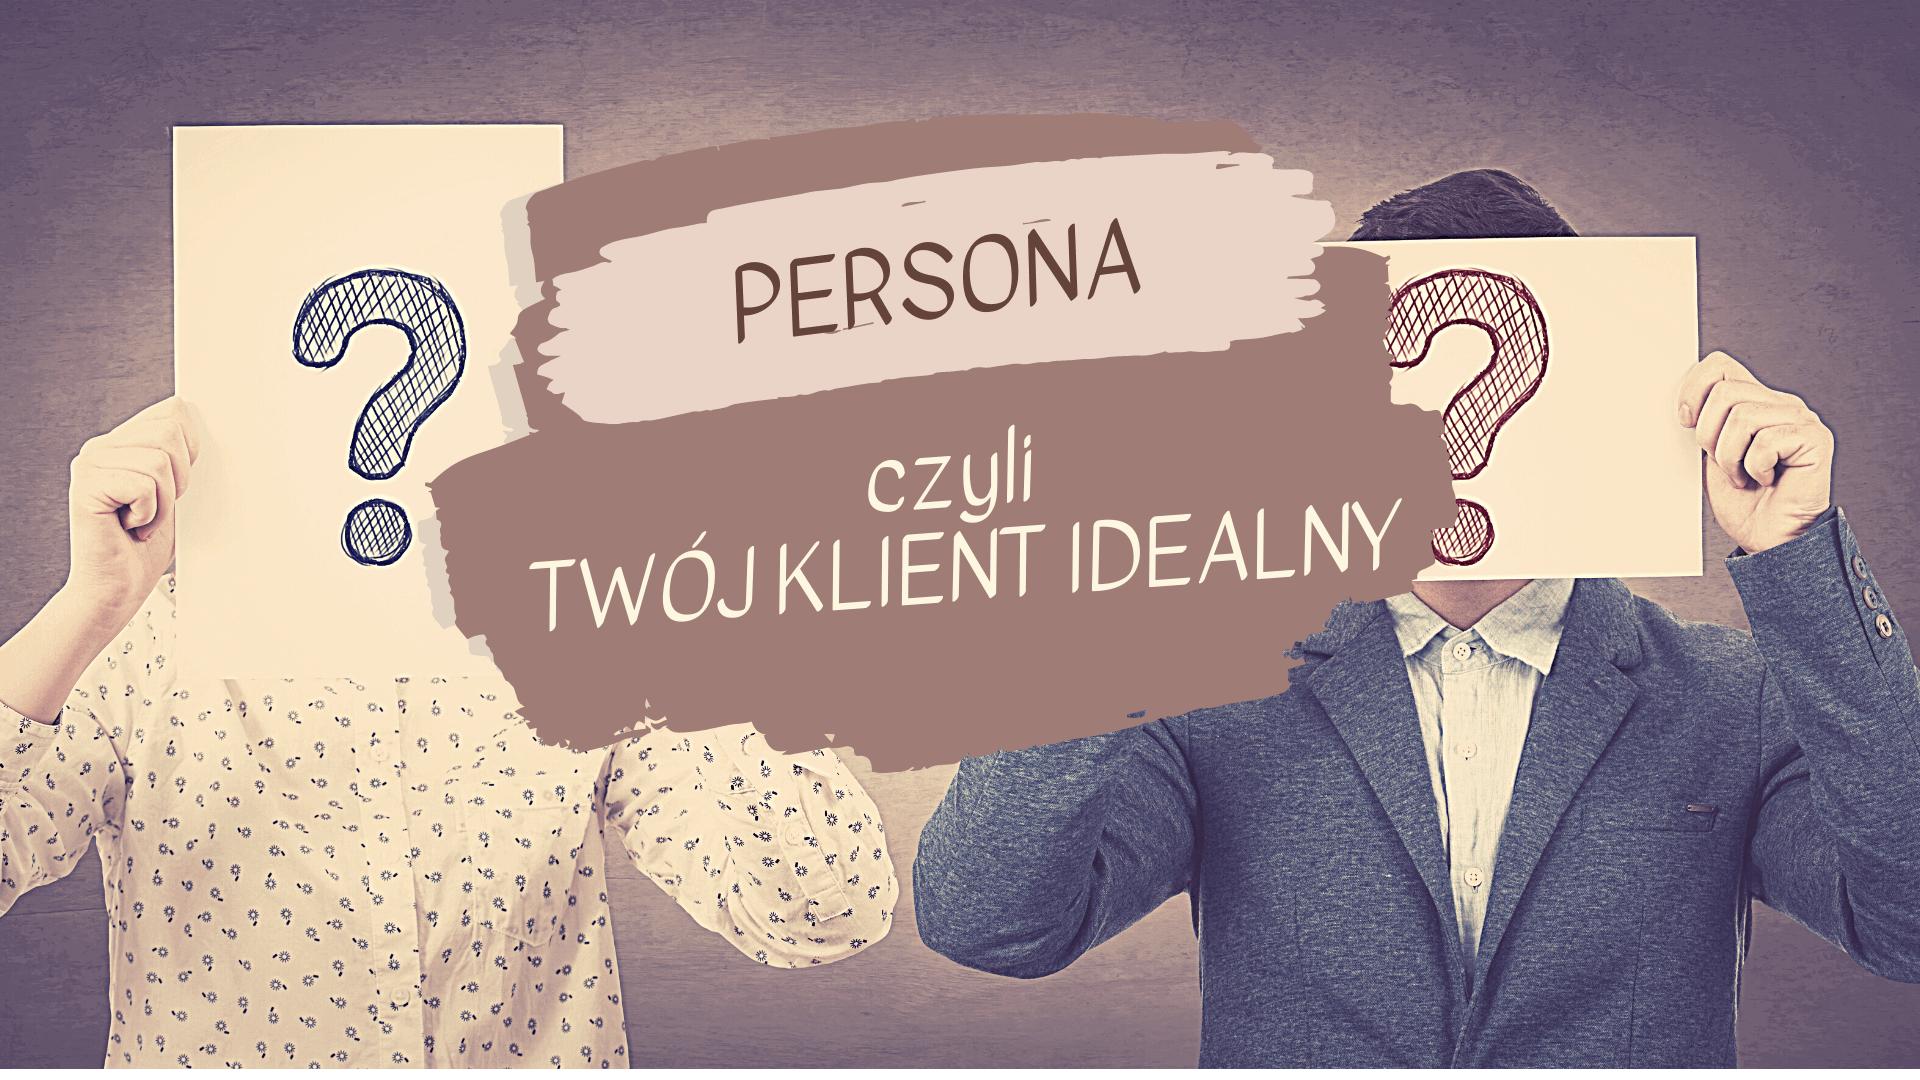 PERSONA 1 1 - Po co Ci persona - czyli Twój klient idealny